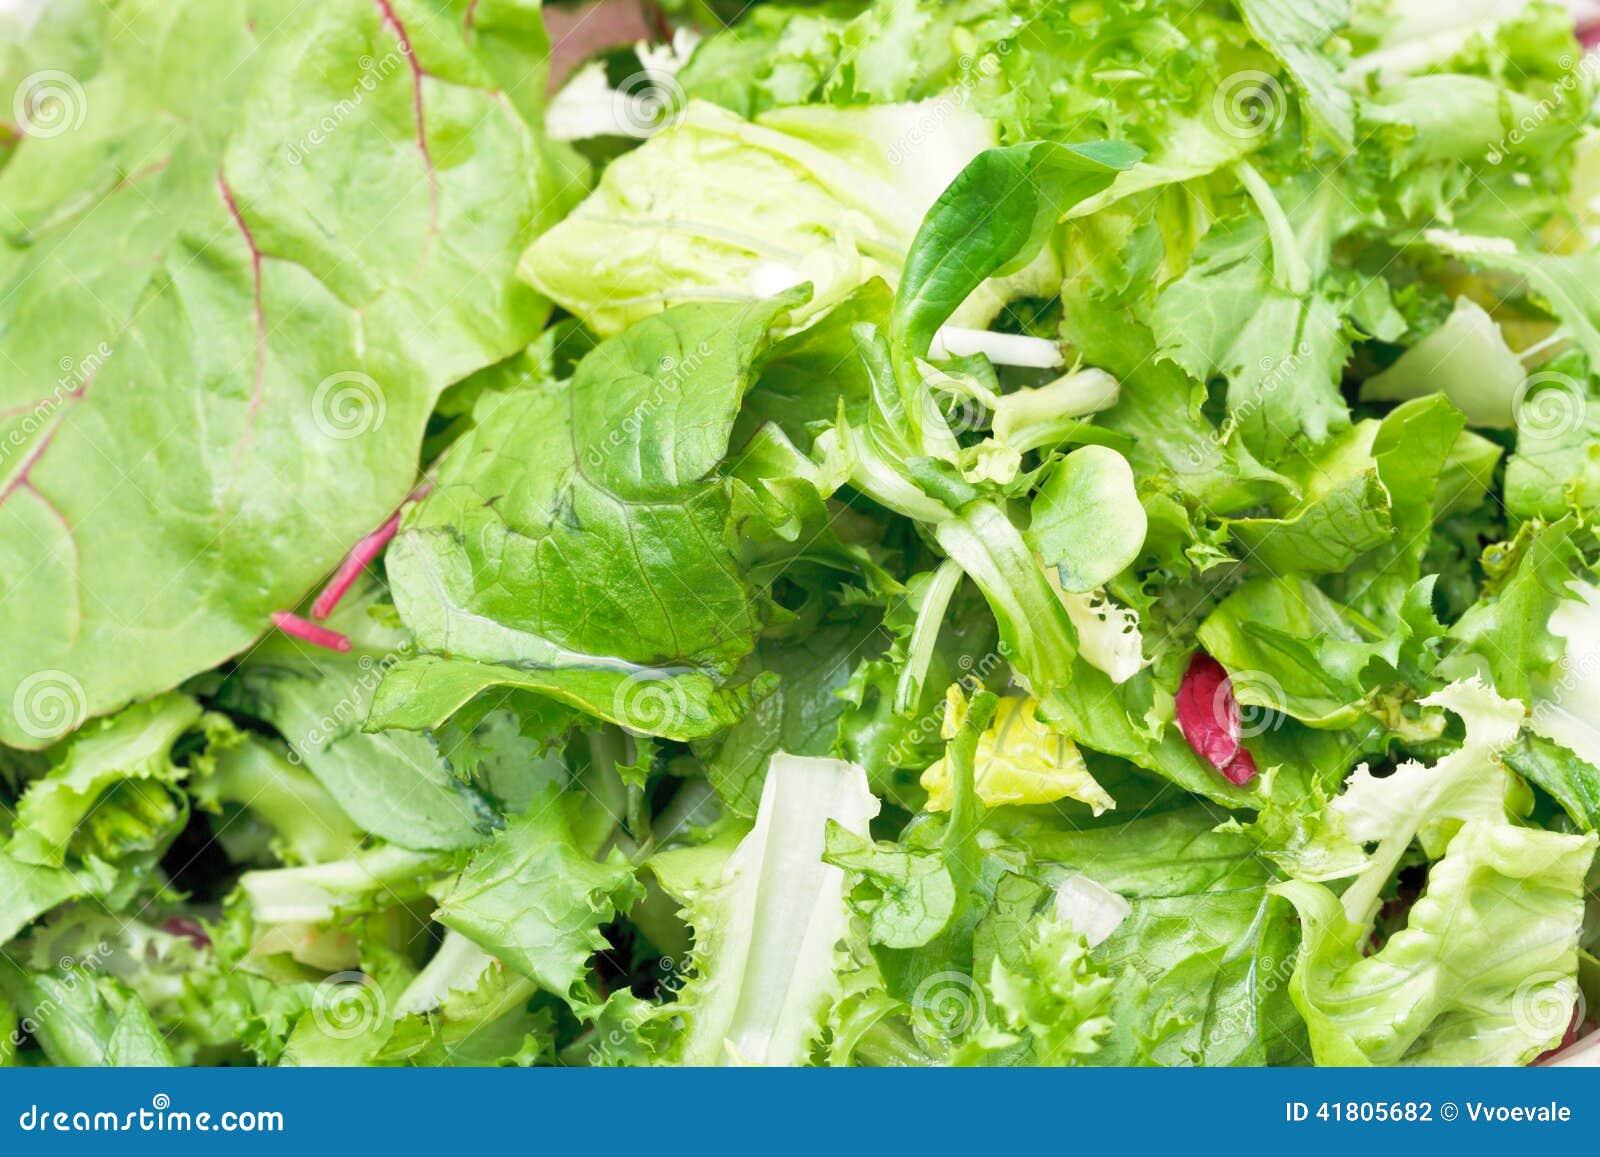 Foglie verdi in aperitivo italiano fresco della lattuga